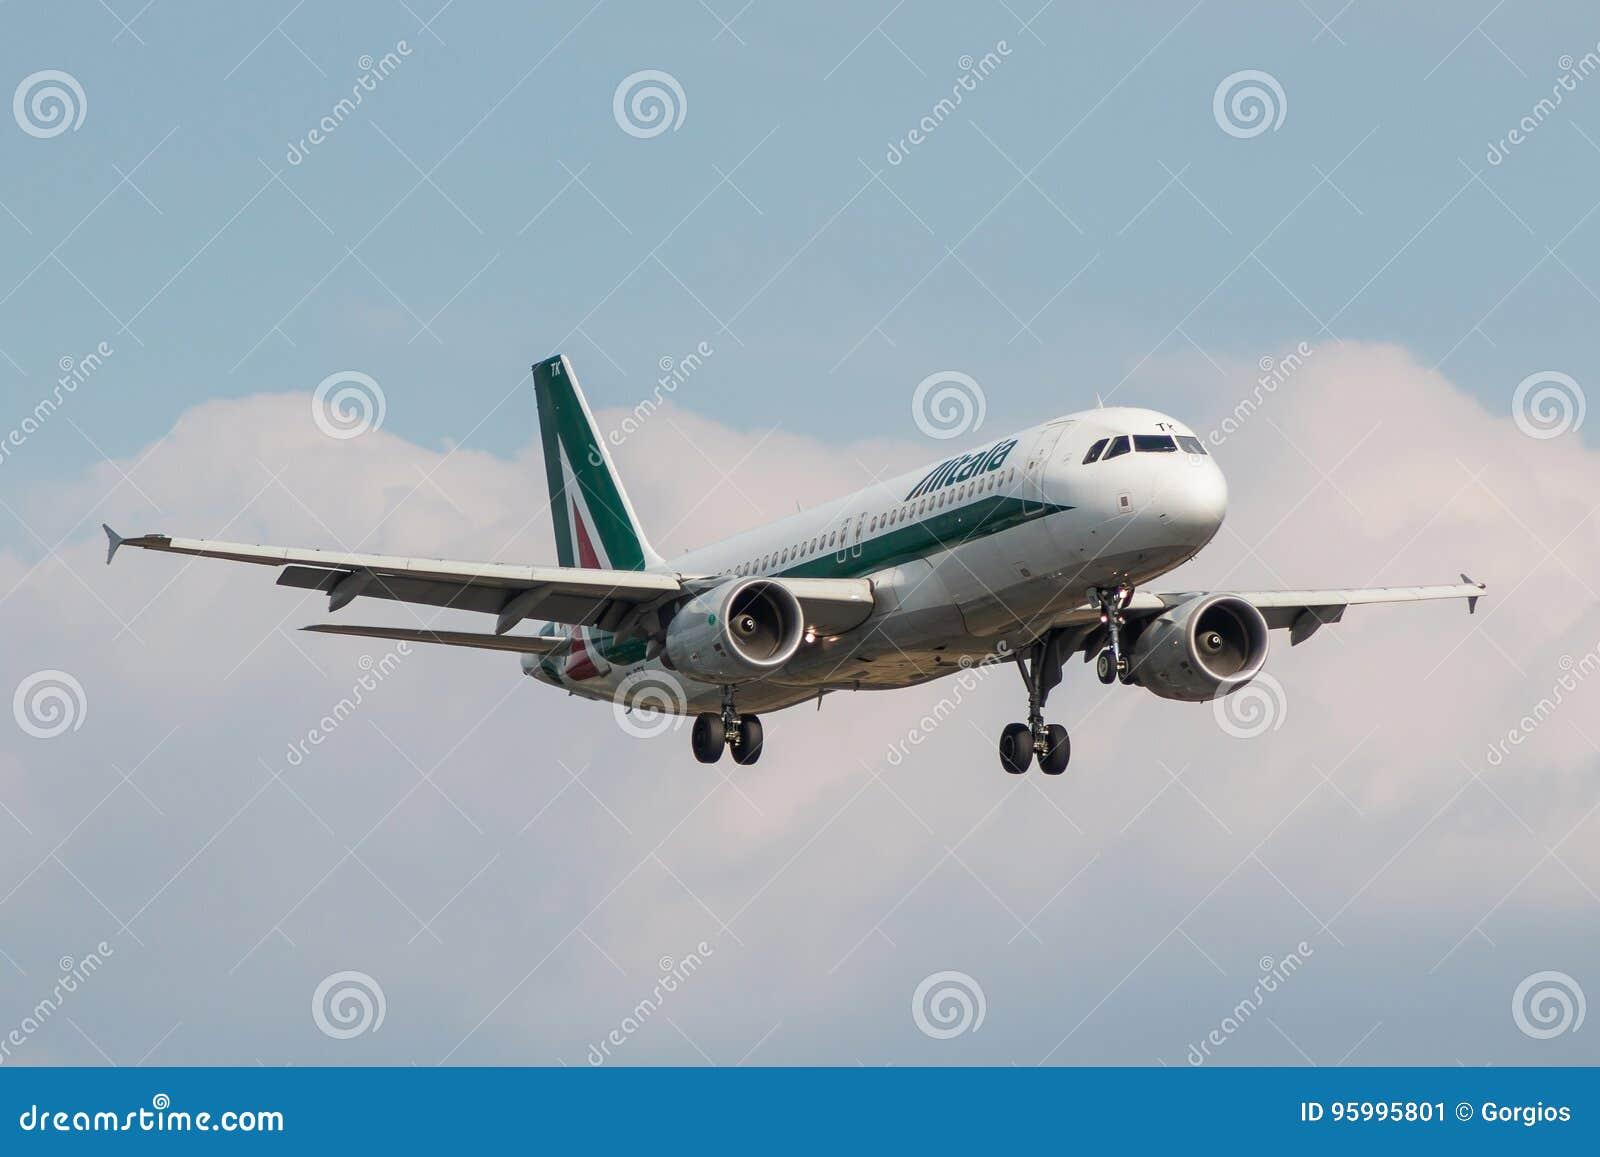 vliegtuig vakantie 2017